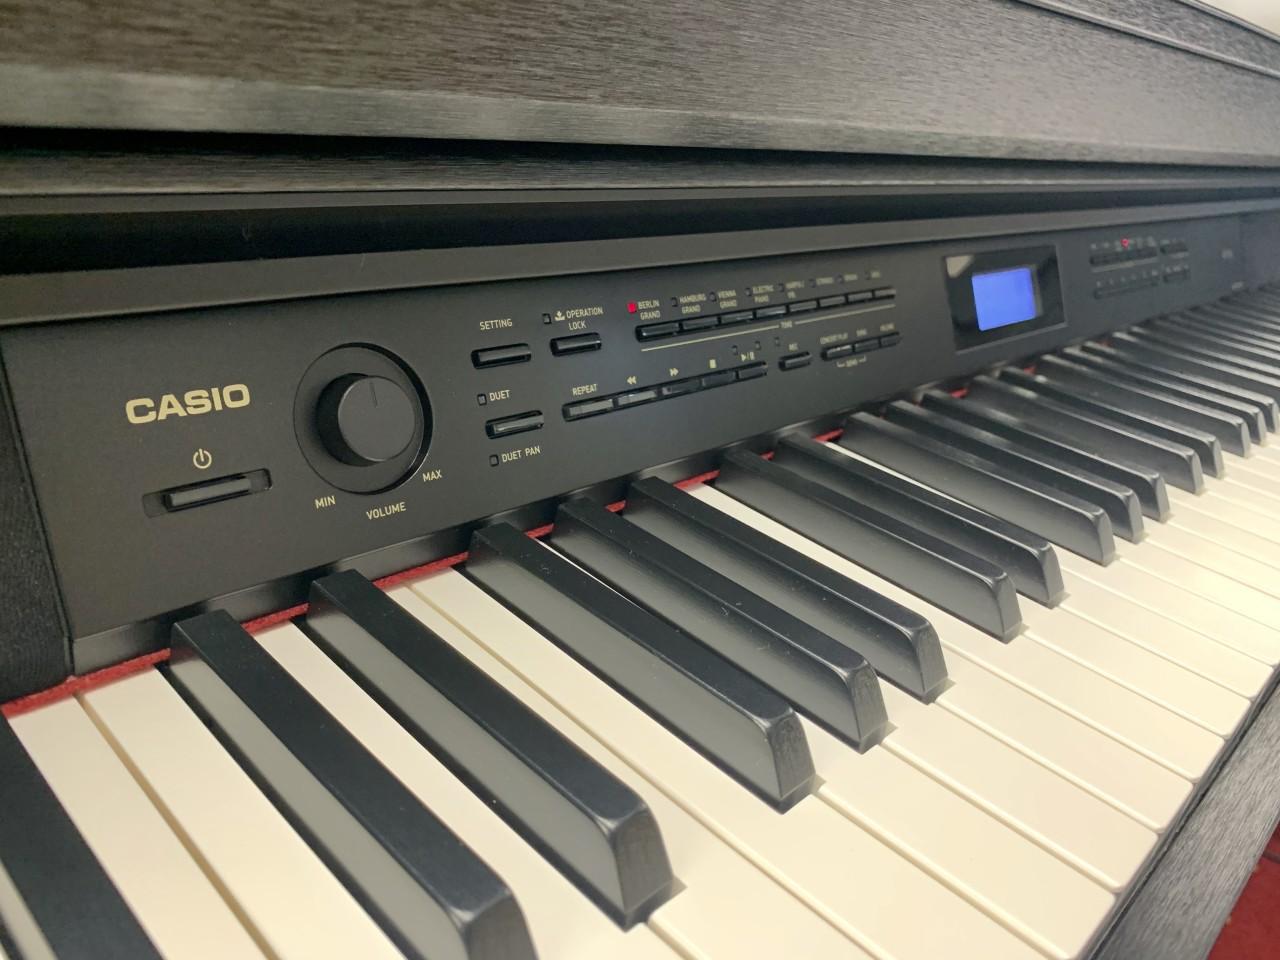 Casio AP-710 5